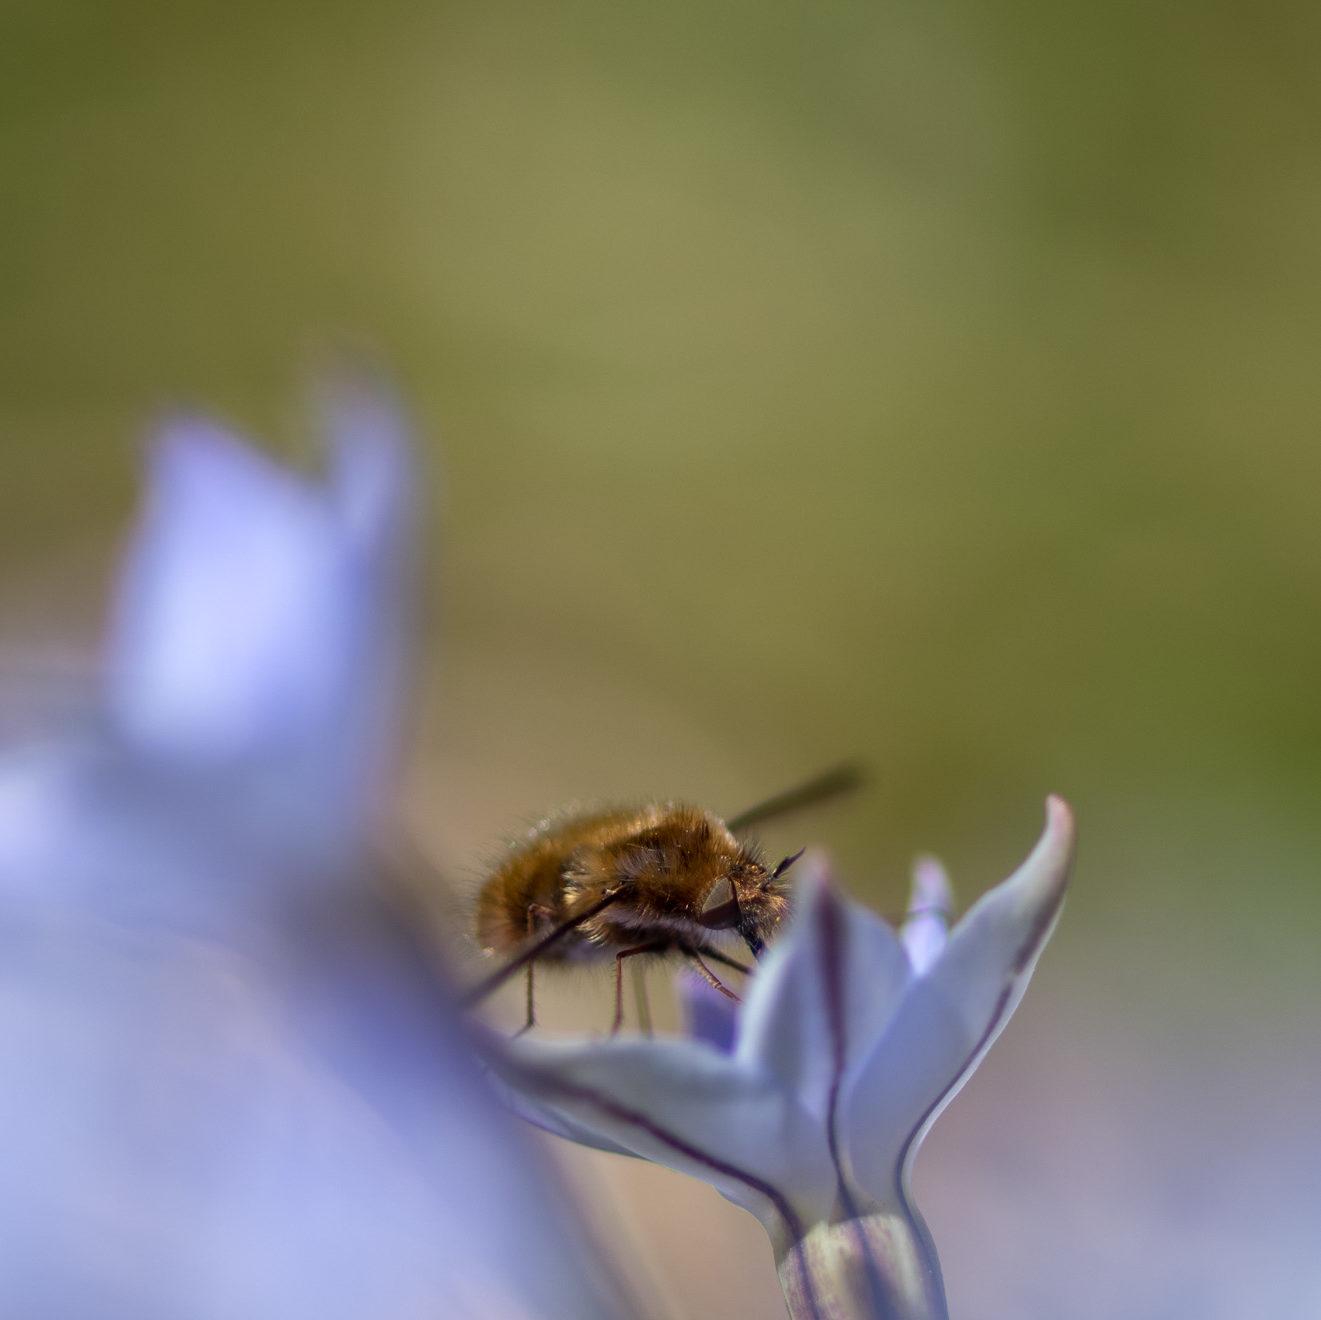 ビロウドツリアブ 〜クマバチのようで暗めのアブ〜